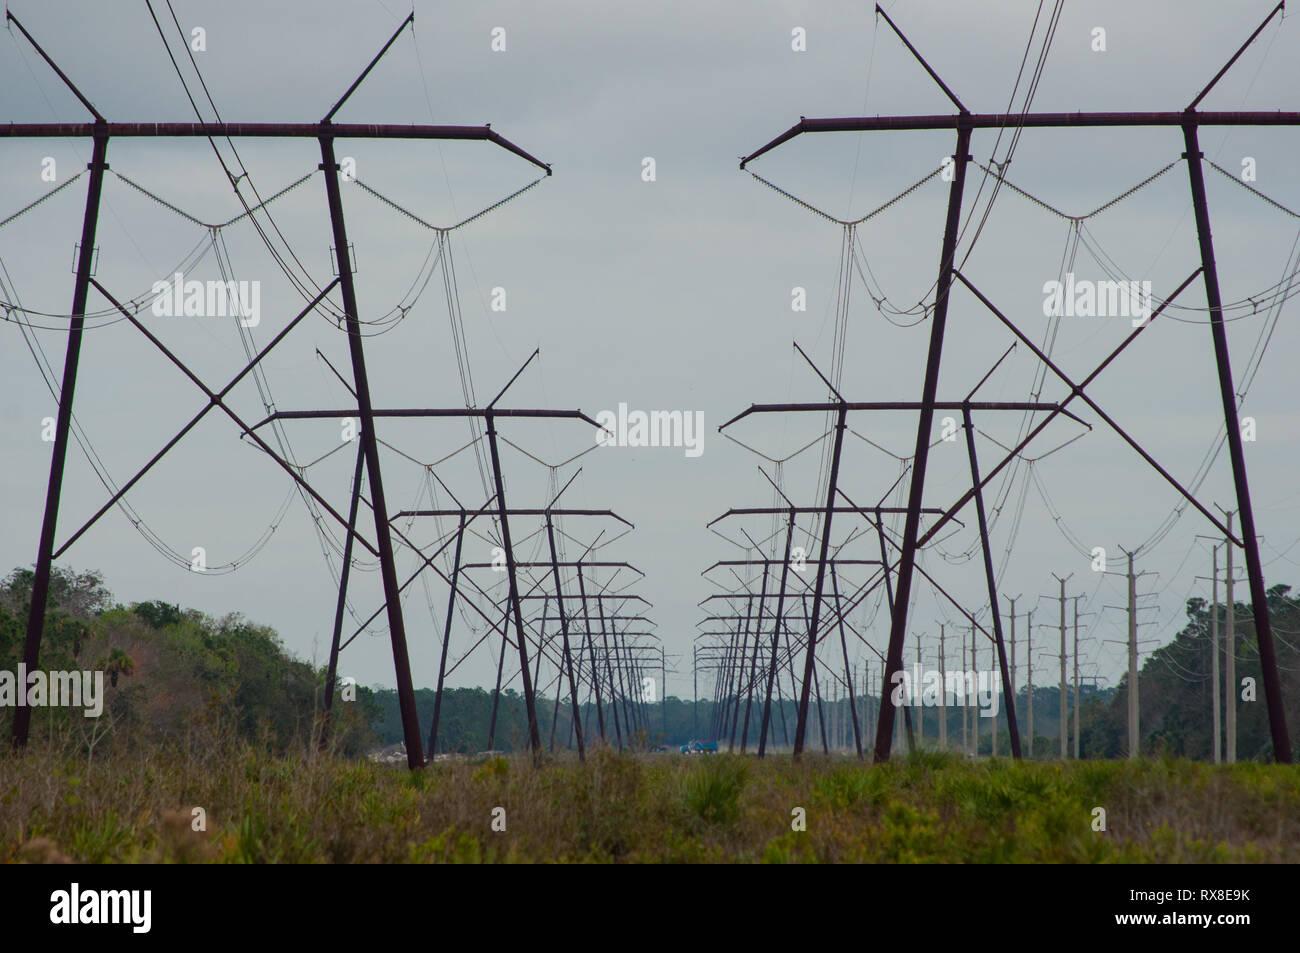 Bereich der Strom Kabel-Türme in einer Linie und bewölkter Himmel Stockbild